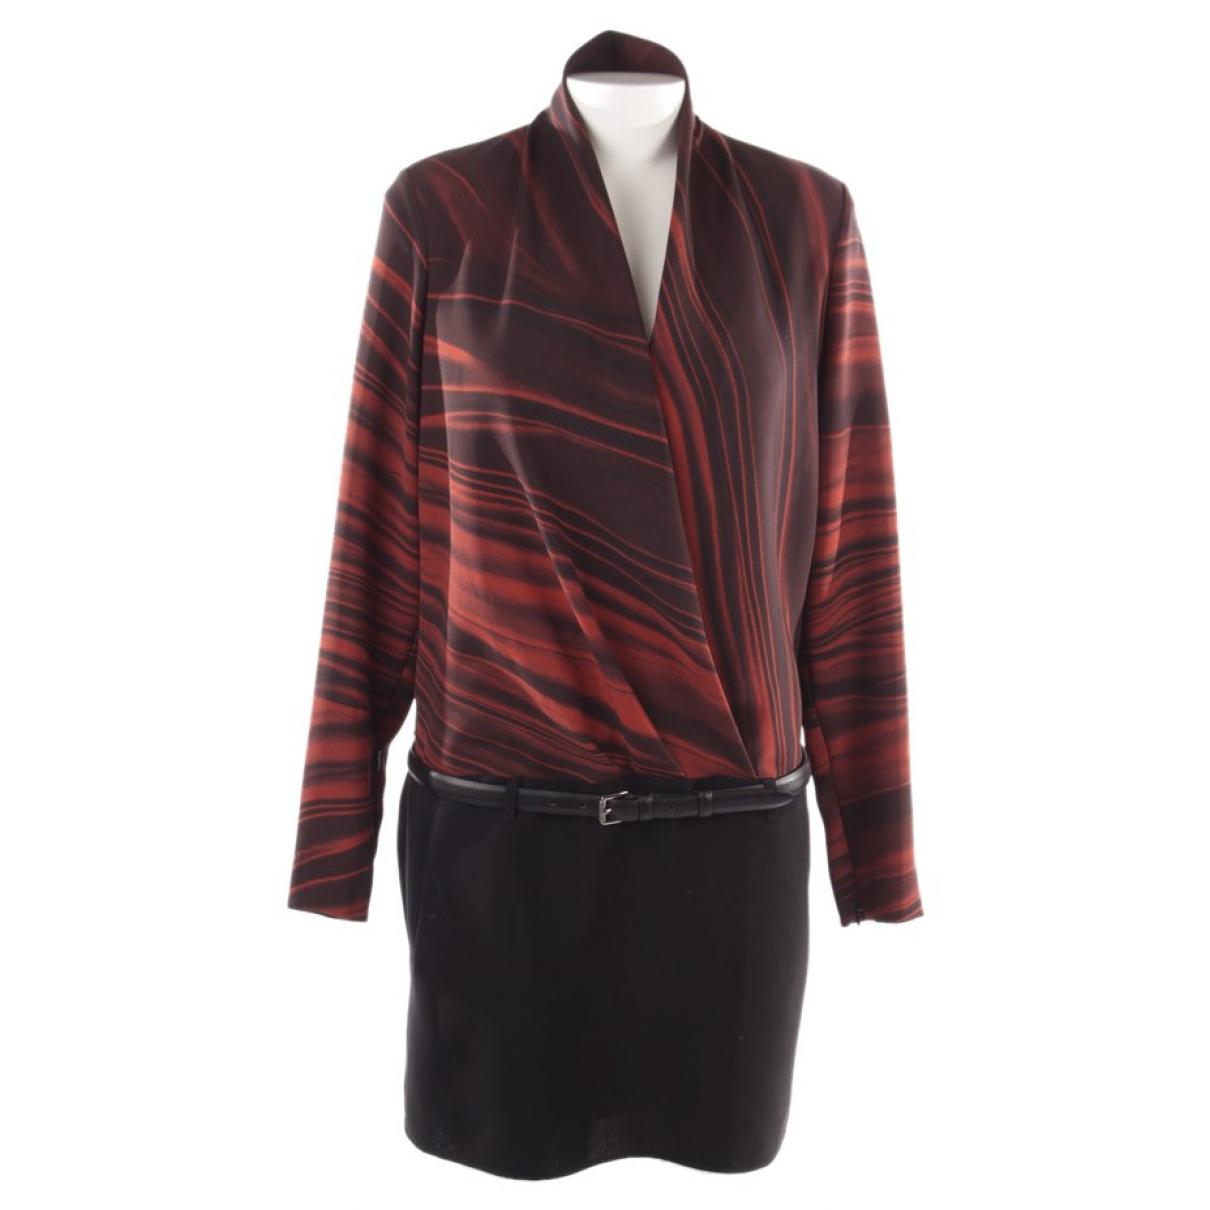 Barbara Bui \N Kleid in  Rot Polyester